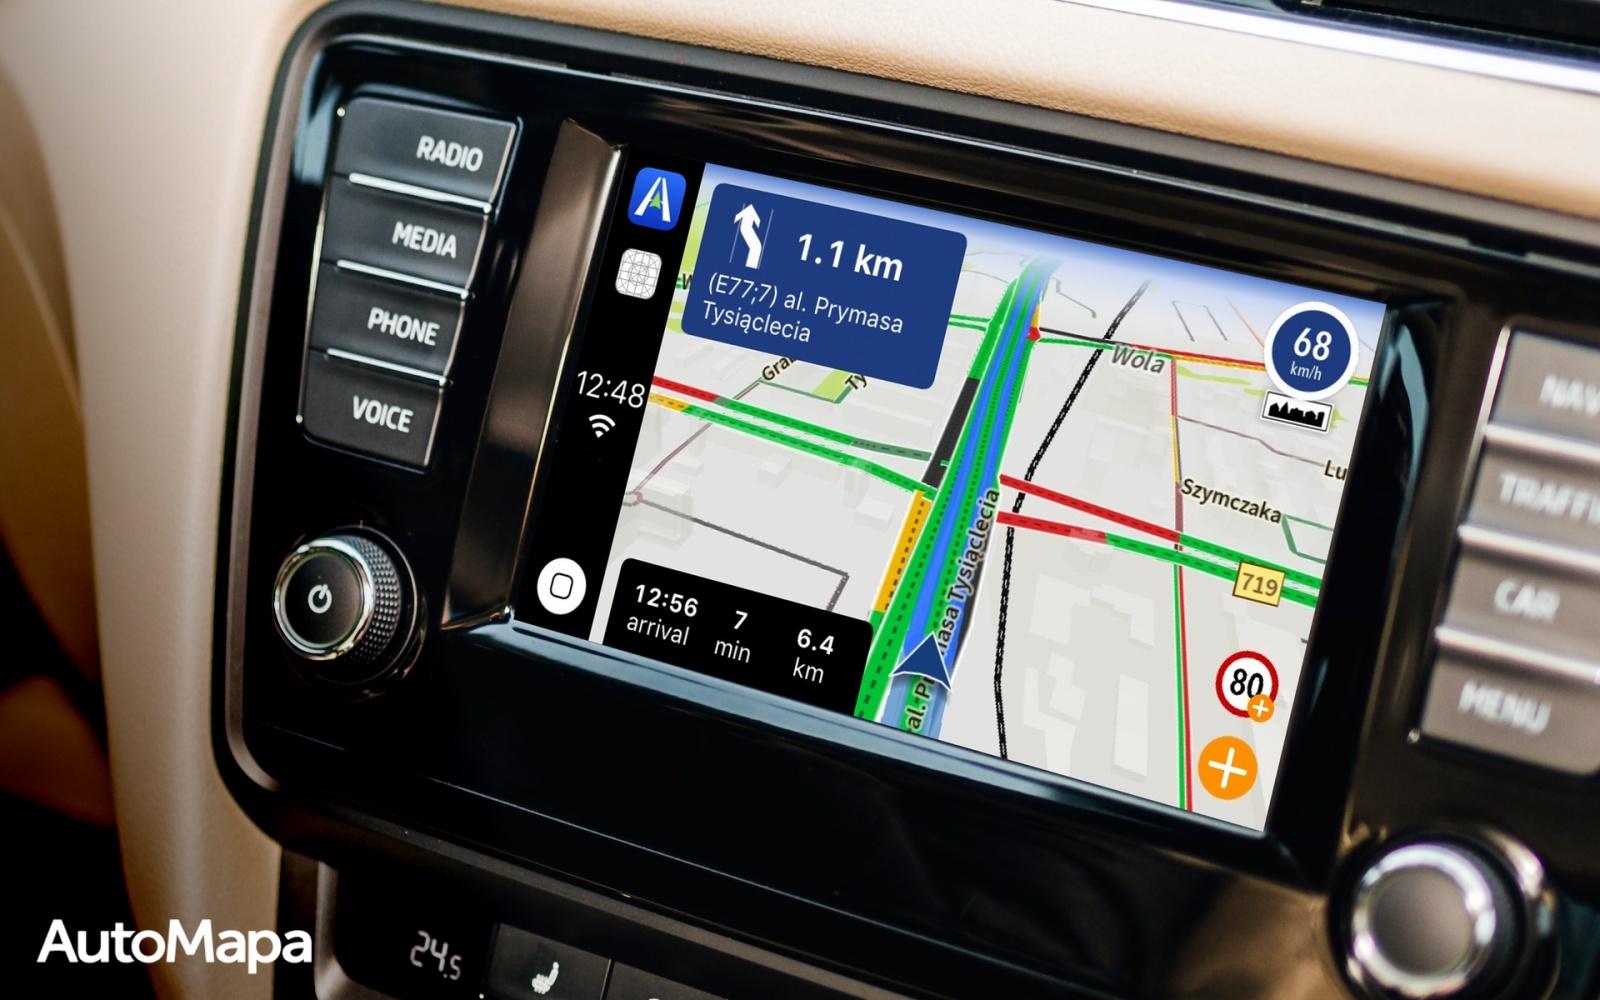 AutoMapa wprowadza funkcjęaktualizacji ograniczeń prędkości i inne nowości